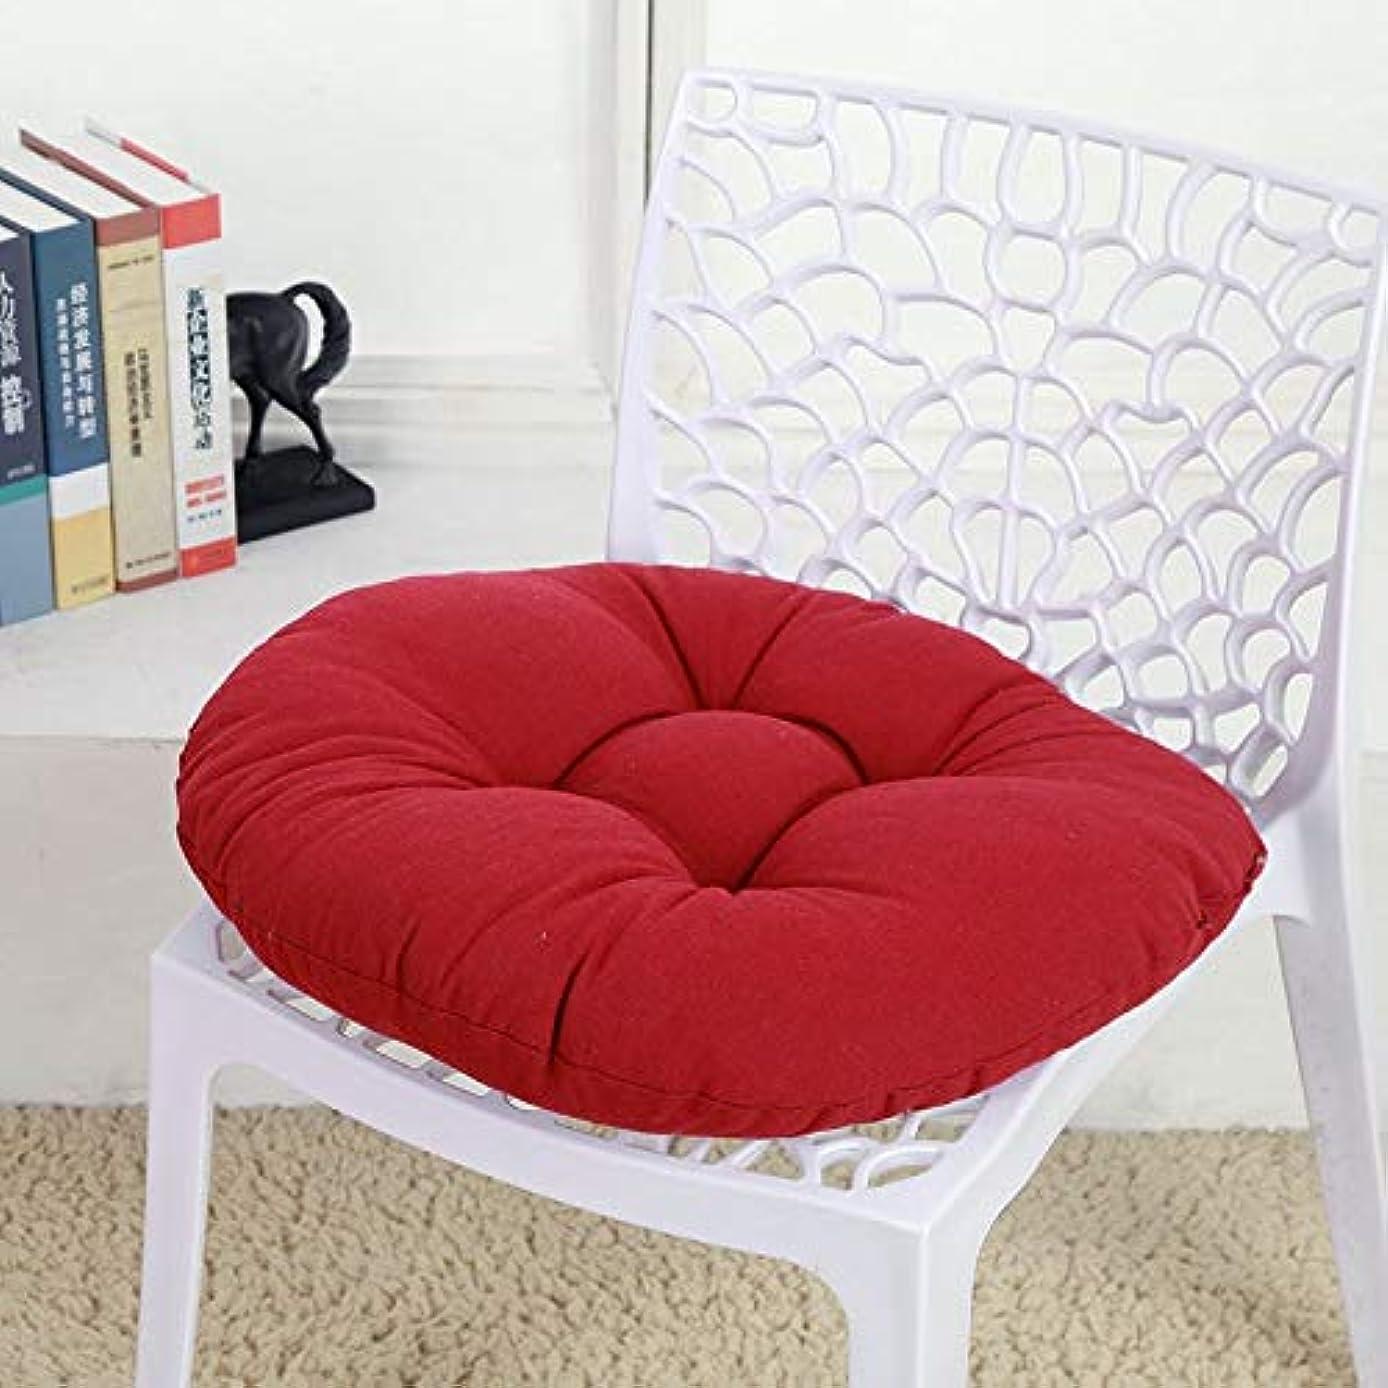 怪物陪審磁器SMART キャンディカラーのクッションラウンドシートクッション波ウィンドウシートクッションクッション家の装飾パッドラウンド枕シート枕椅子座る枕 クッション 椅子